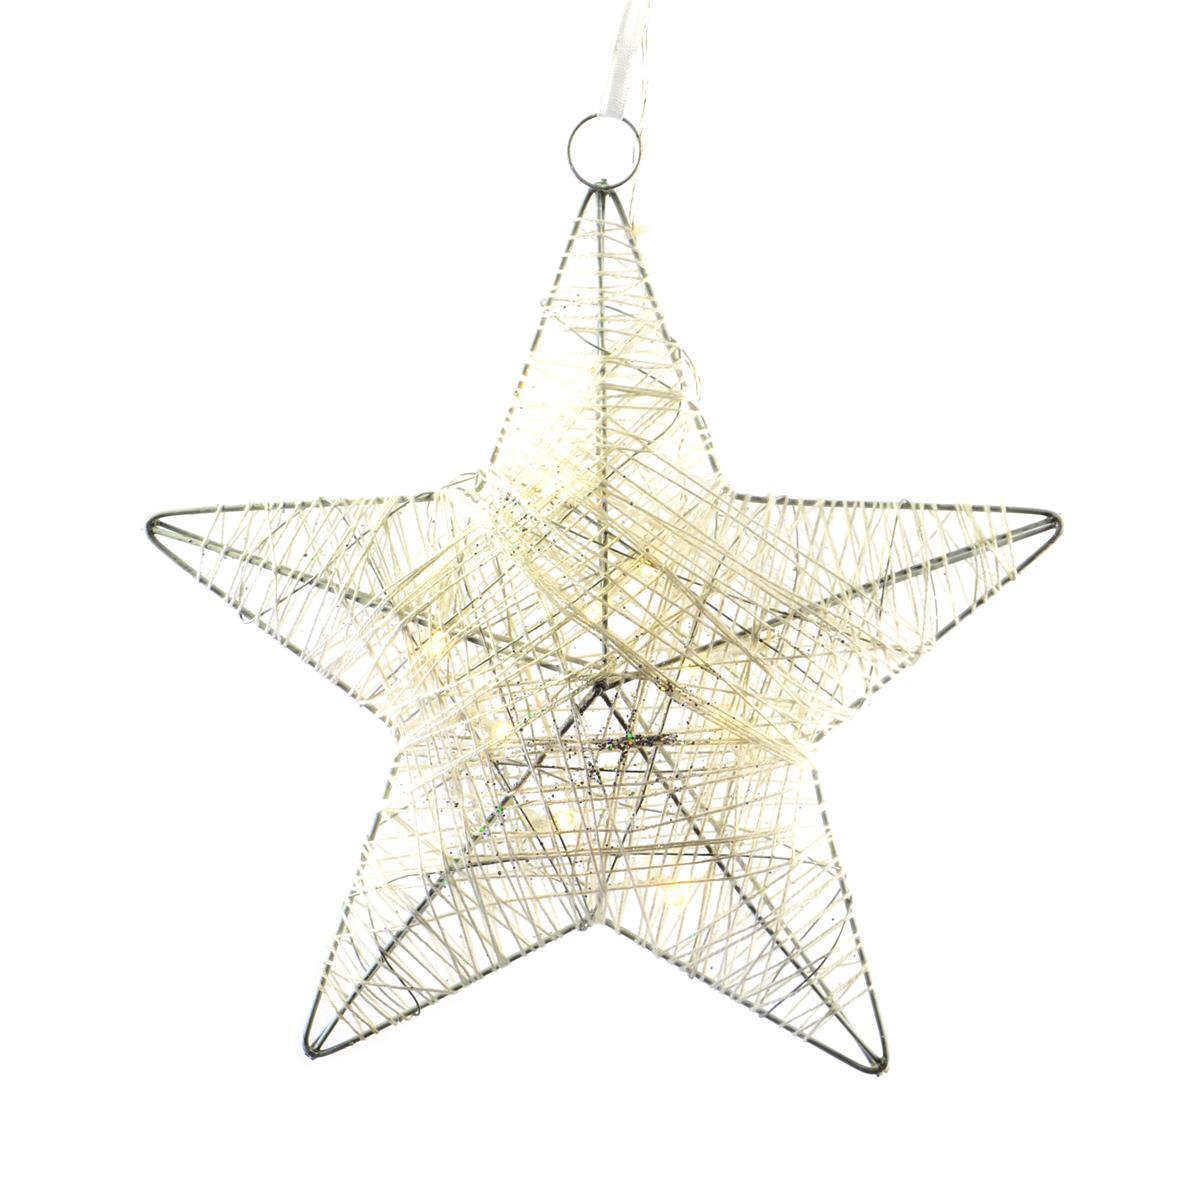 10 LED Stern Rattan-Optik warm weiß Weihnachtsstern Timer Batterie 25 cm